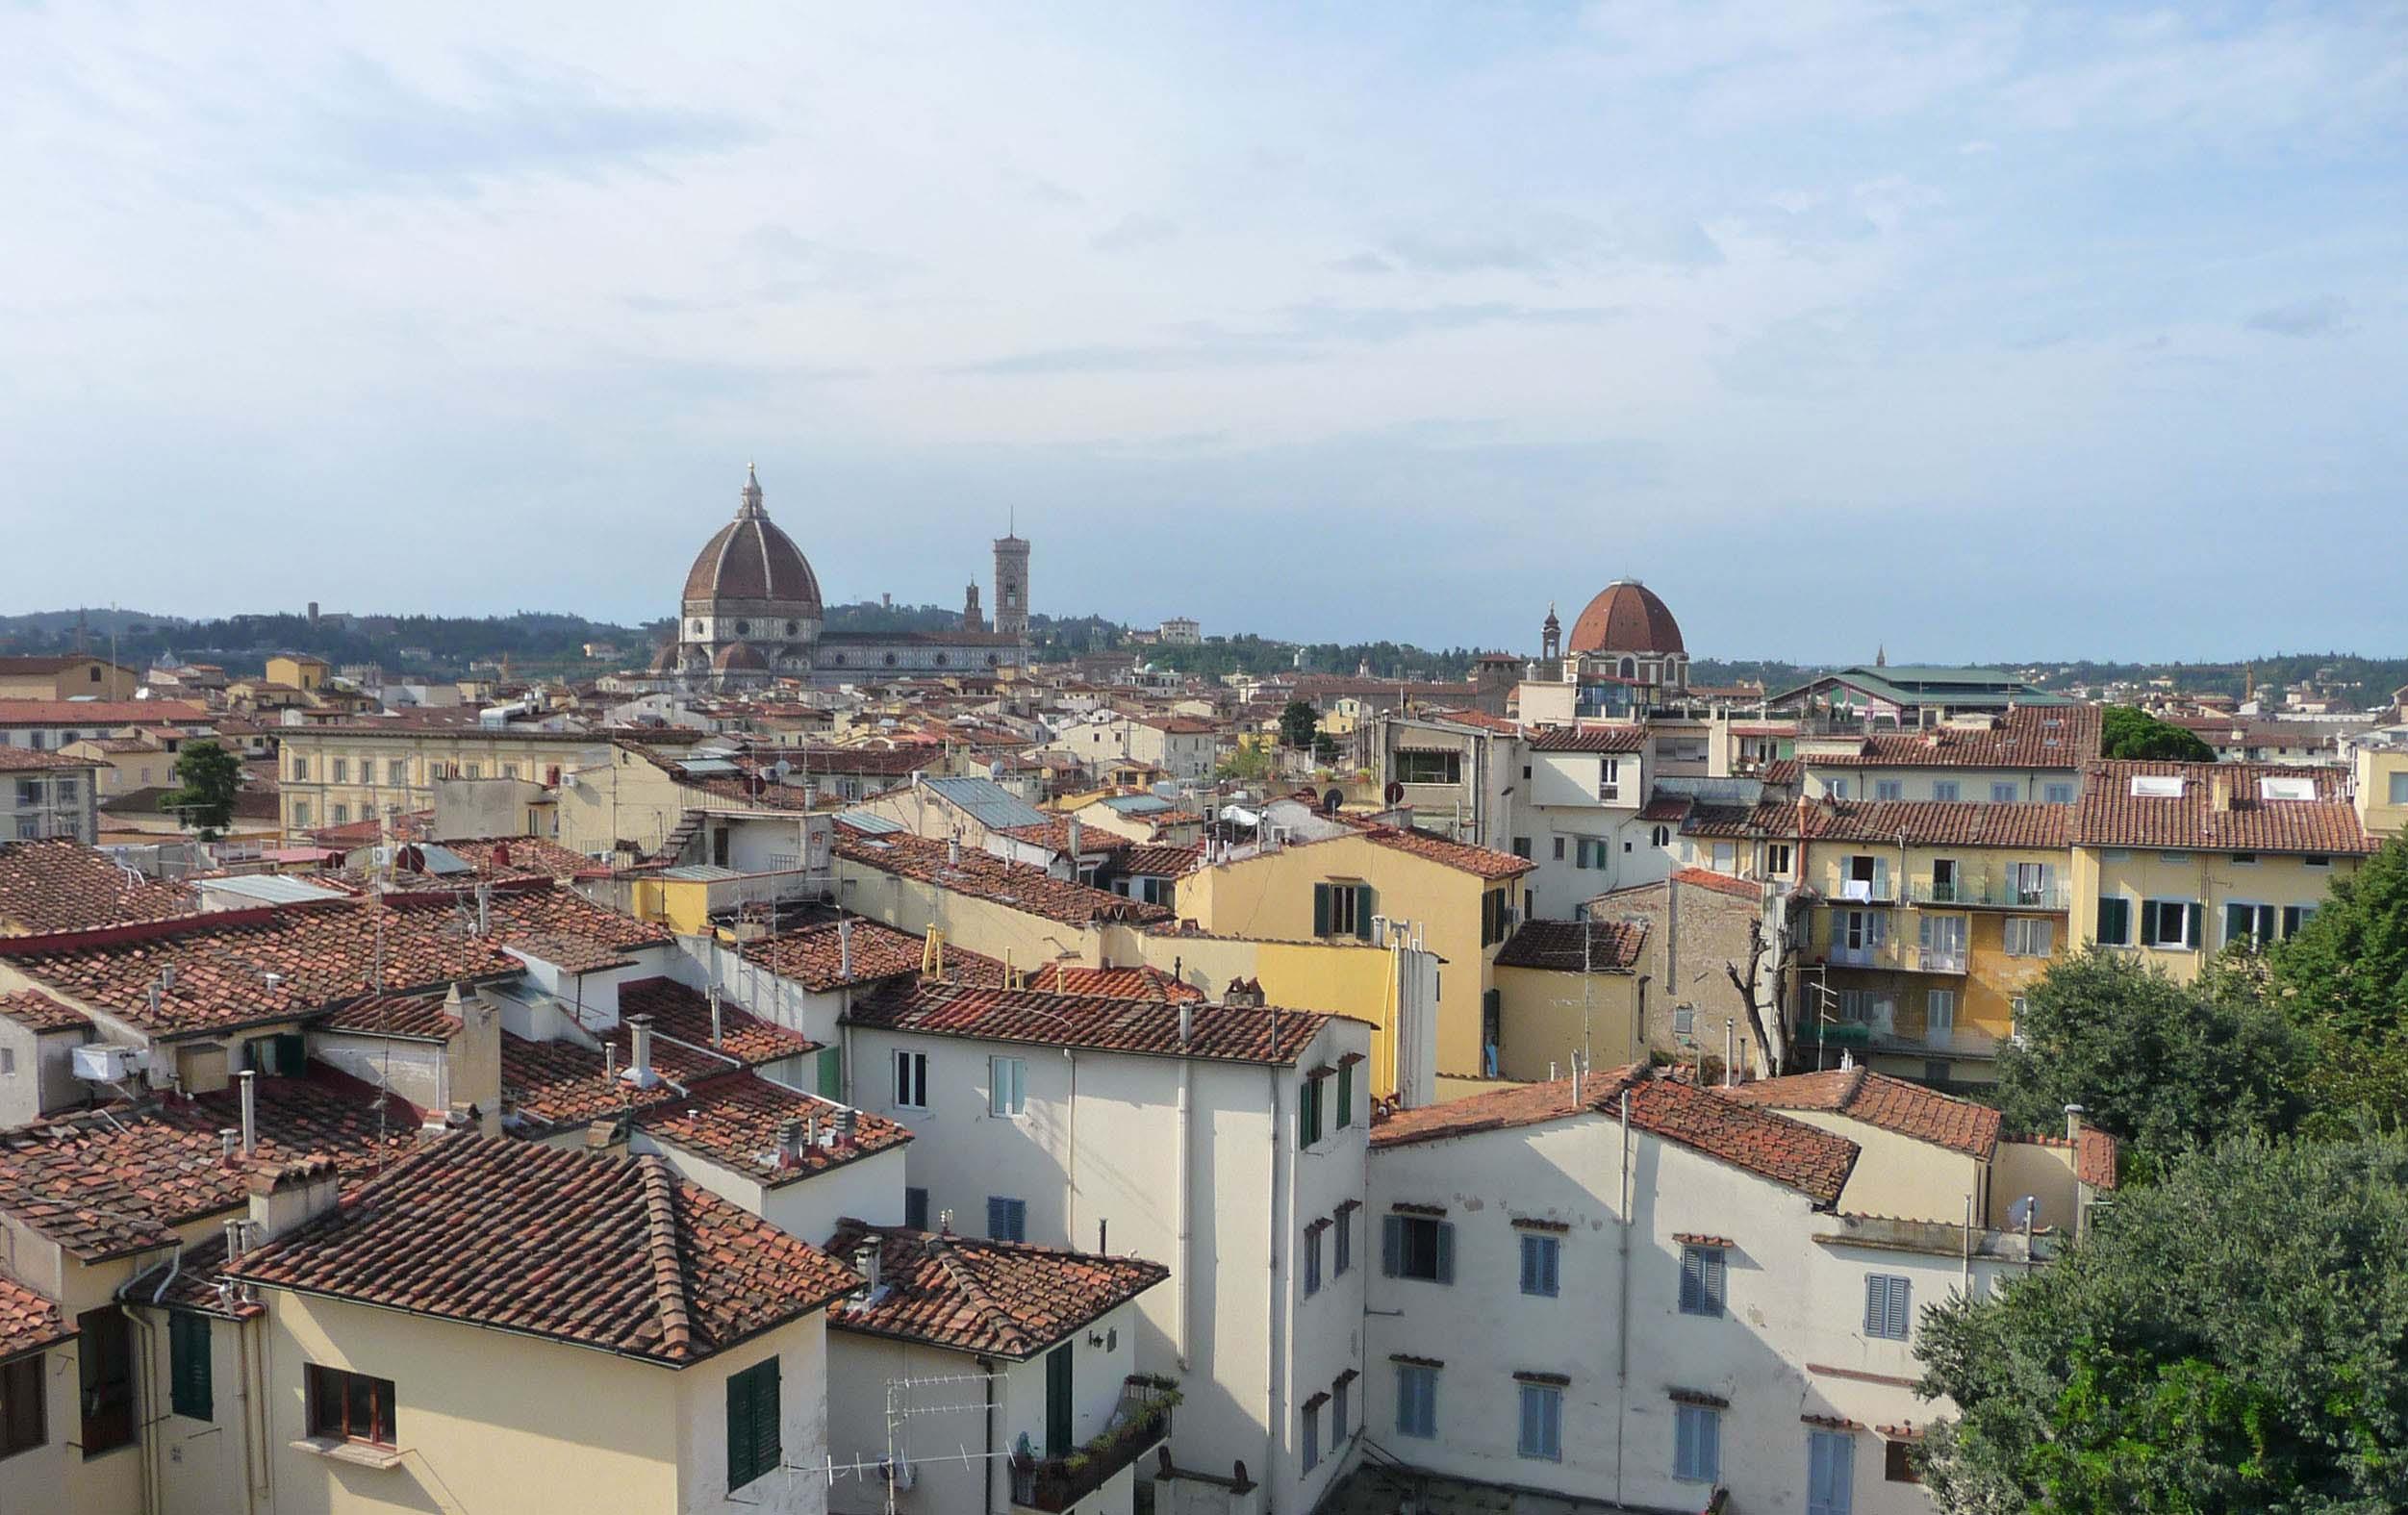 Ufficio Anagrafe A Firenze : Realizzazione di un banco anagrafe su misura arredi su misura